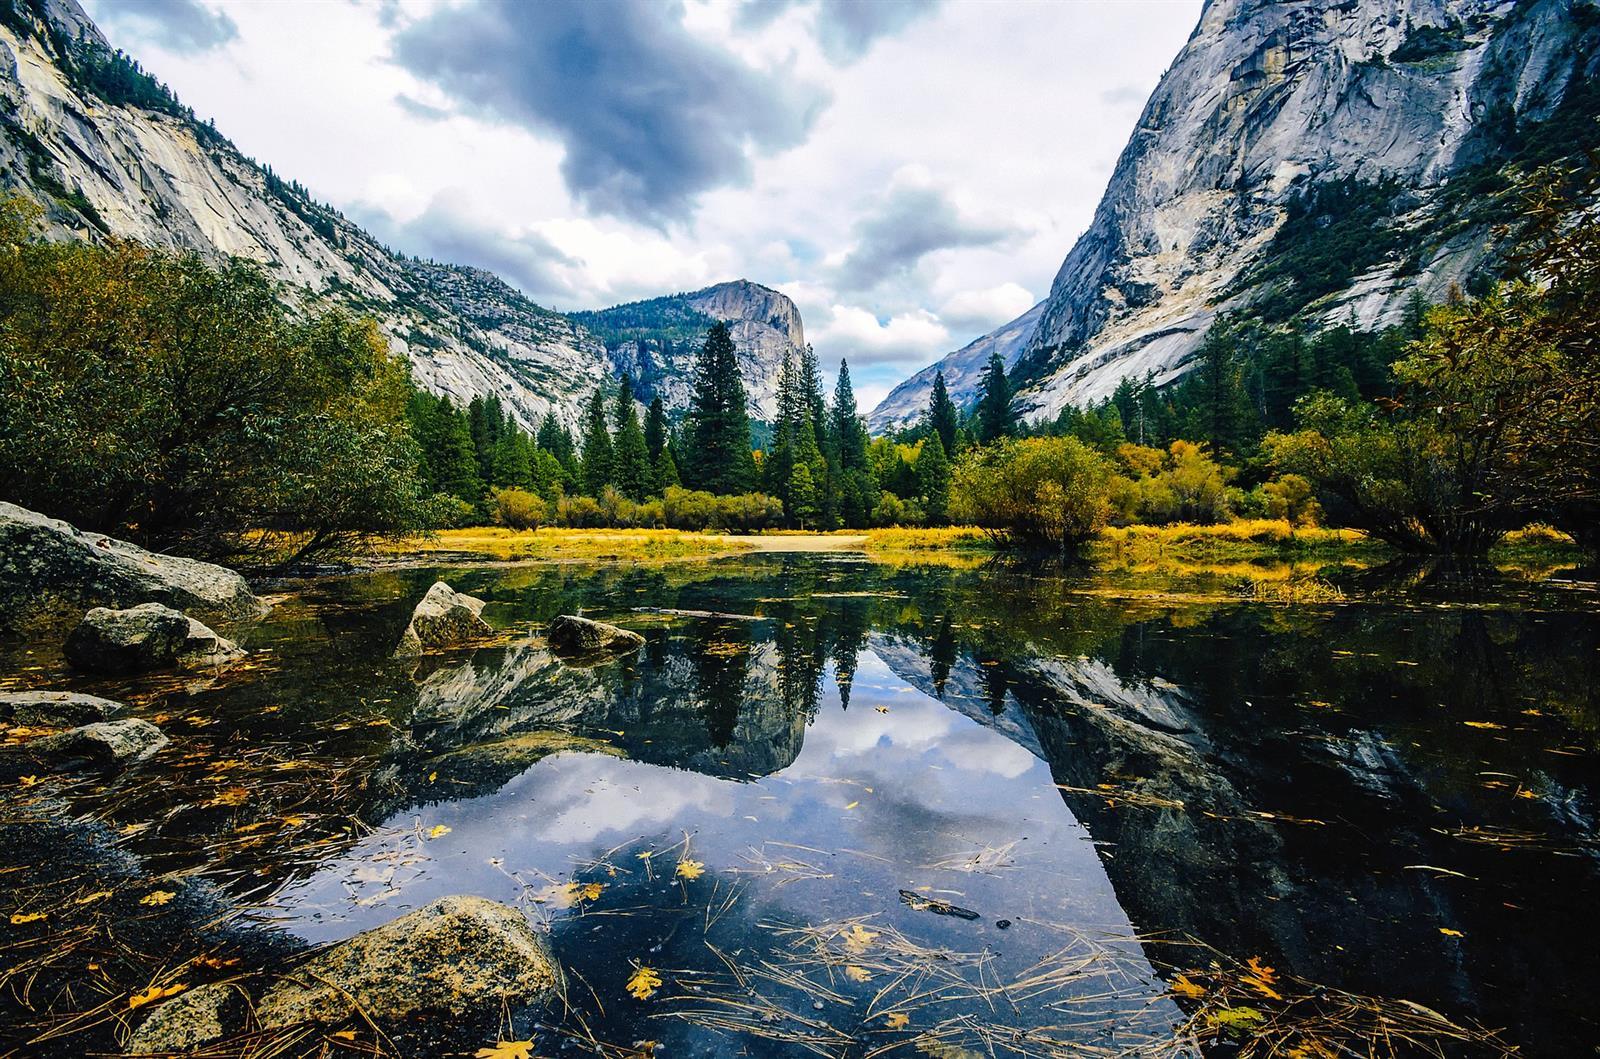 אגם הראי בפארק יוסמיטי שבקליפורניה